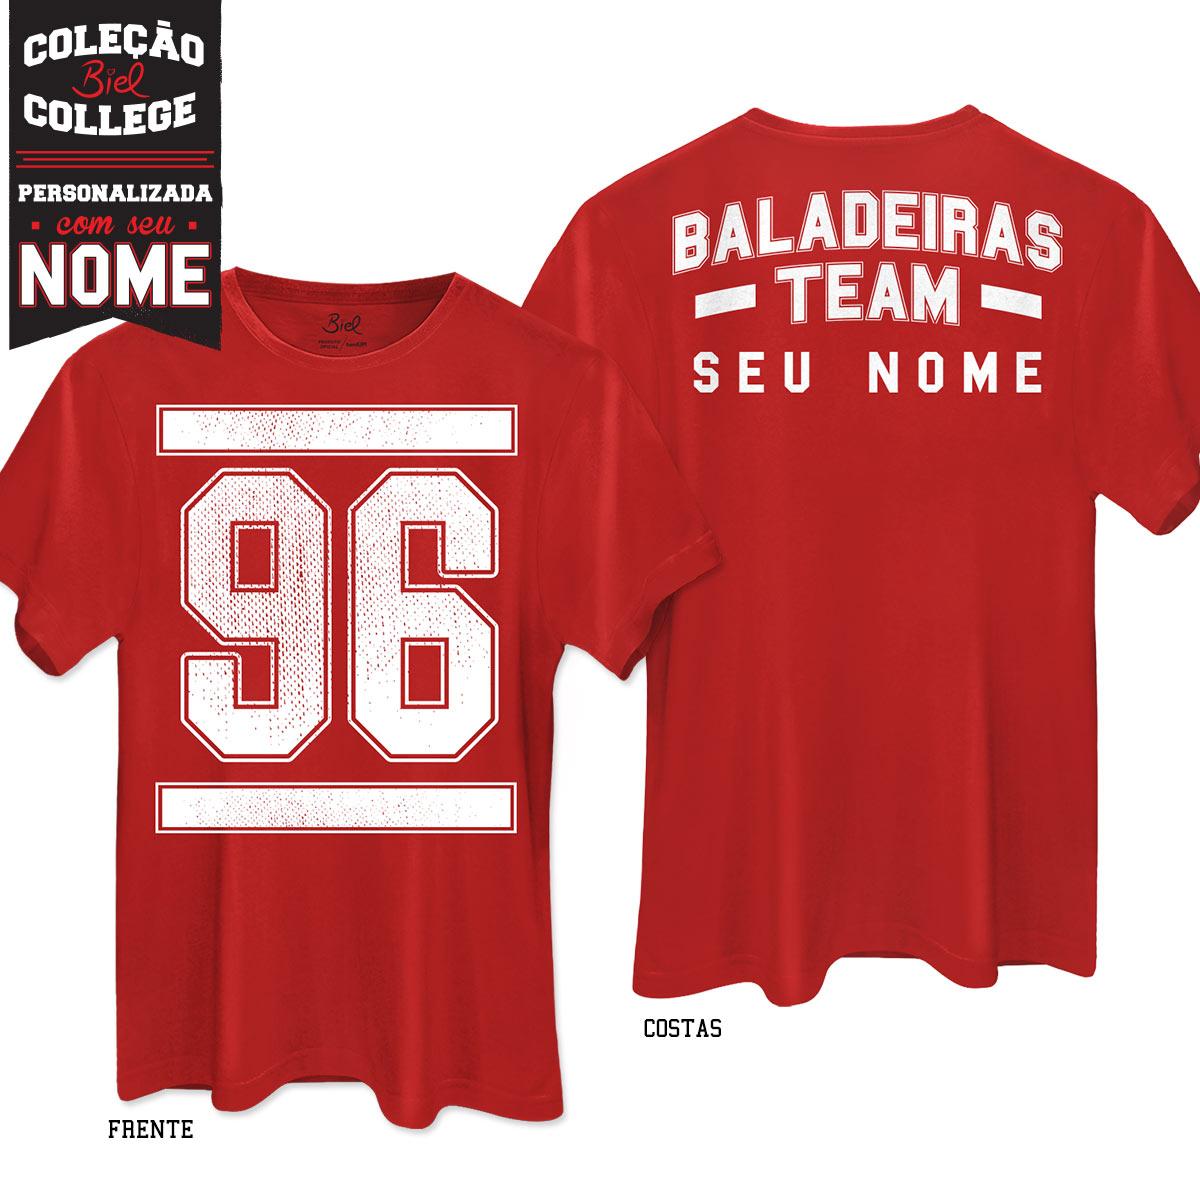 Camisetão Biel Baladeiras Team